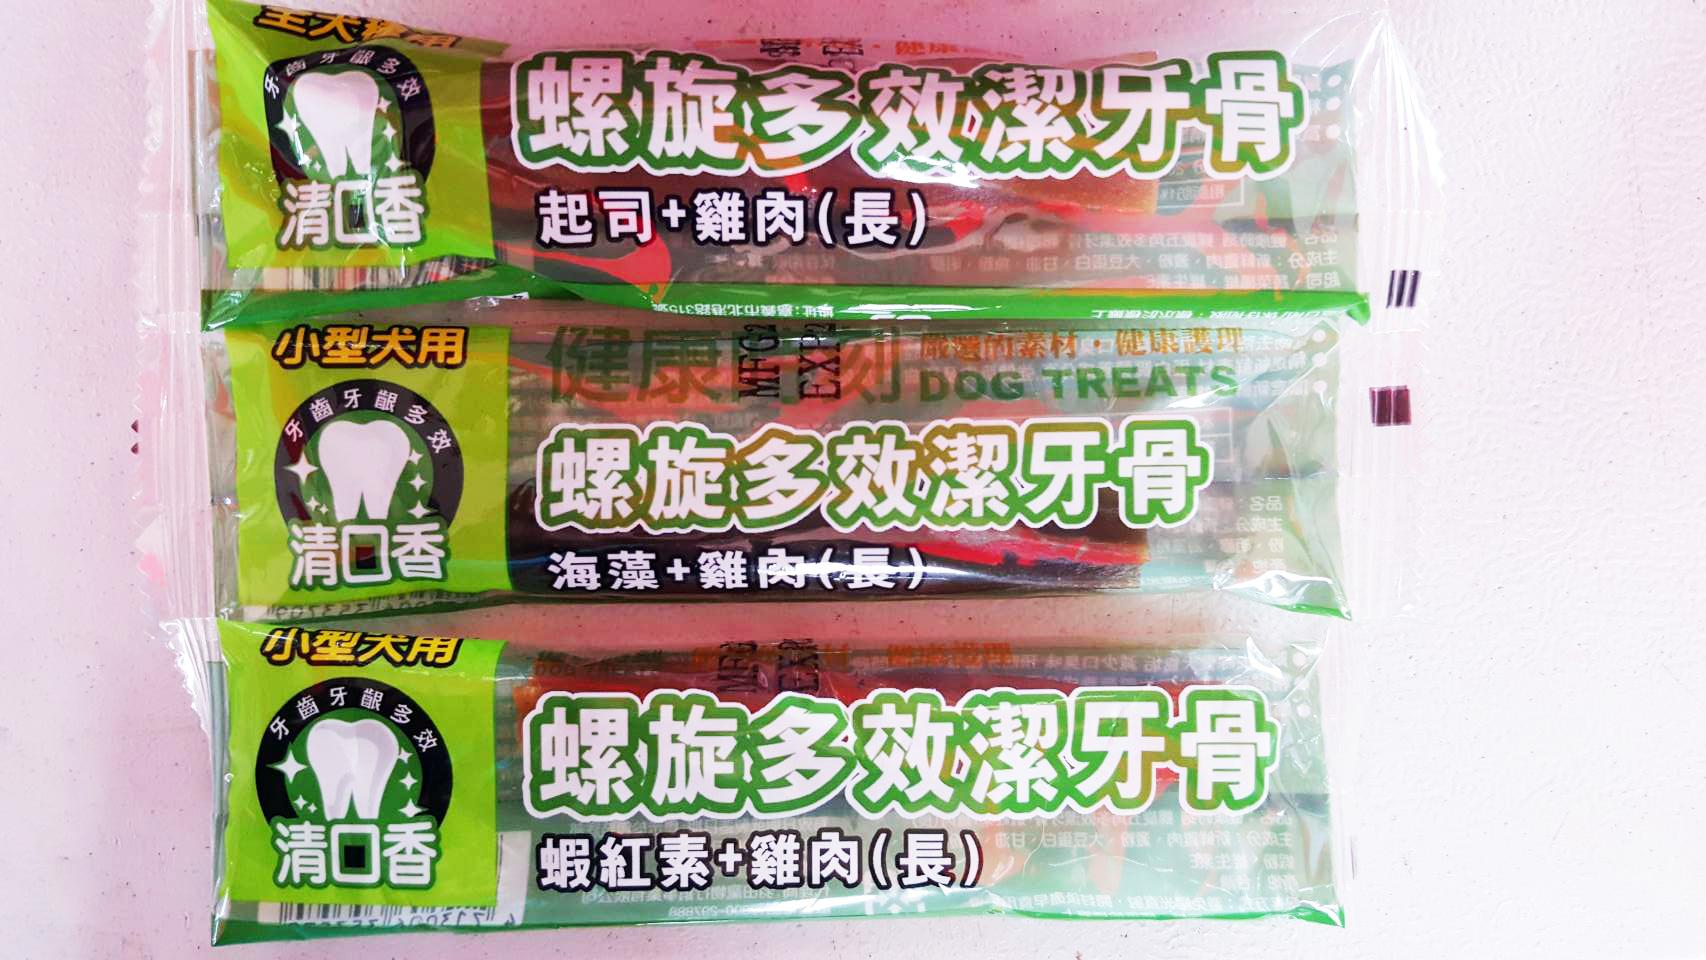 ♡♣ 5元加購 ♣♡ 雞老大 健康時刻螺旋多效潔牙骨 多種口味隨機出貨/單支